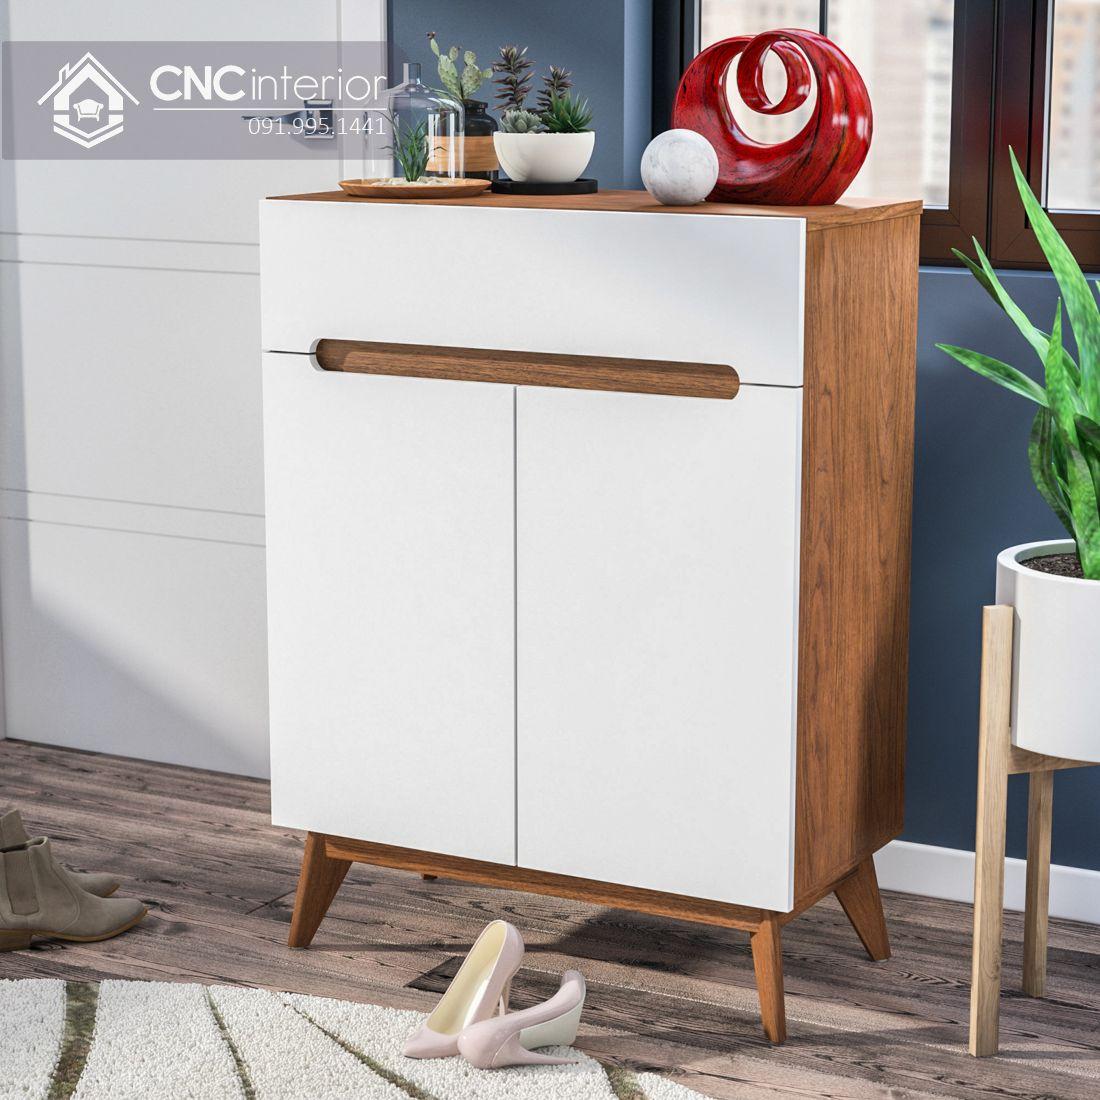 Tủ giày gỗ cao 1m2 đảm bảo tiện nghi CNC 05 2